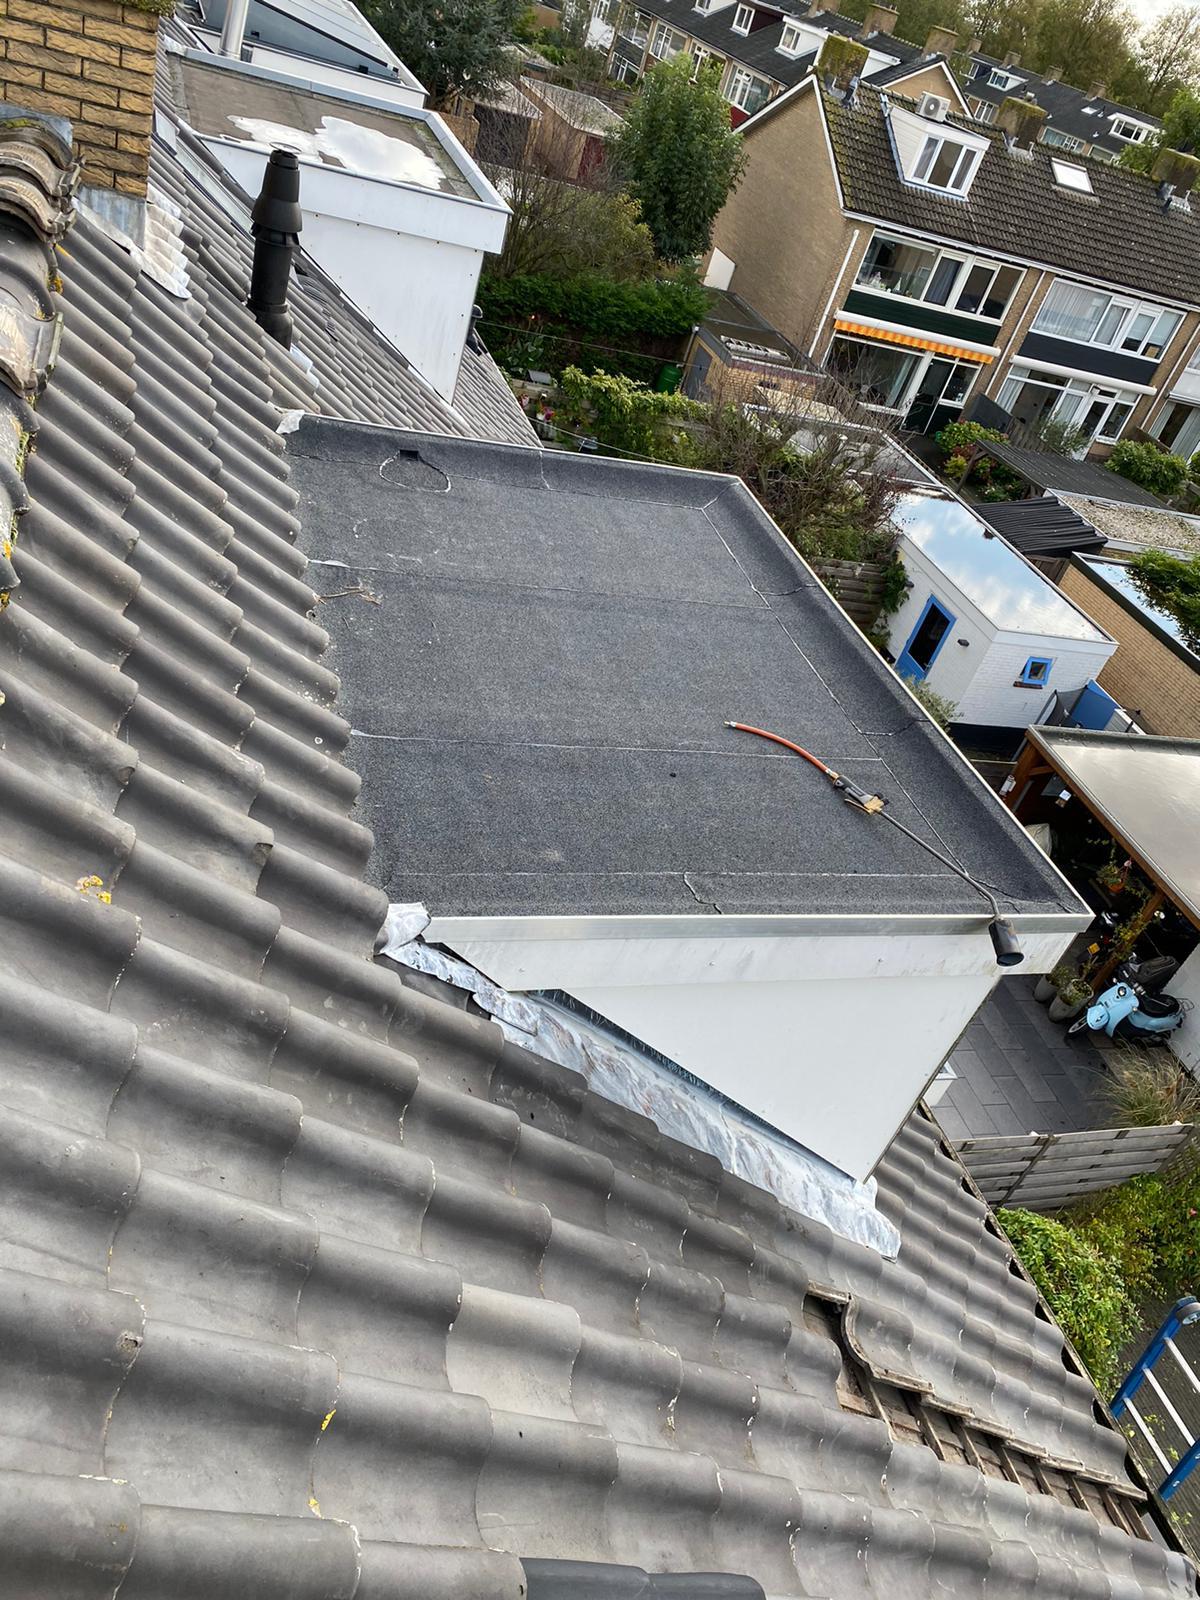 Hazerswoude Rijndijk - Dakkapel lekkage herstel door middel van nieuwe dakbedekking